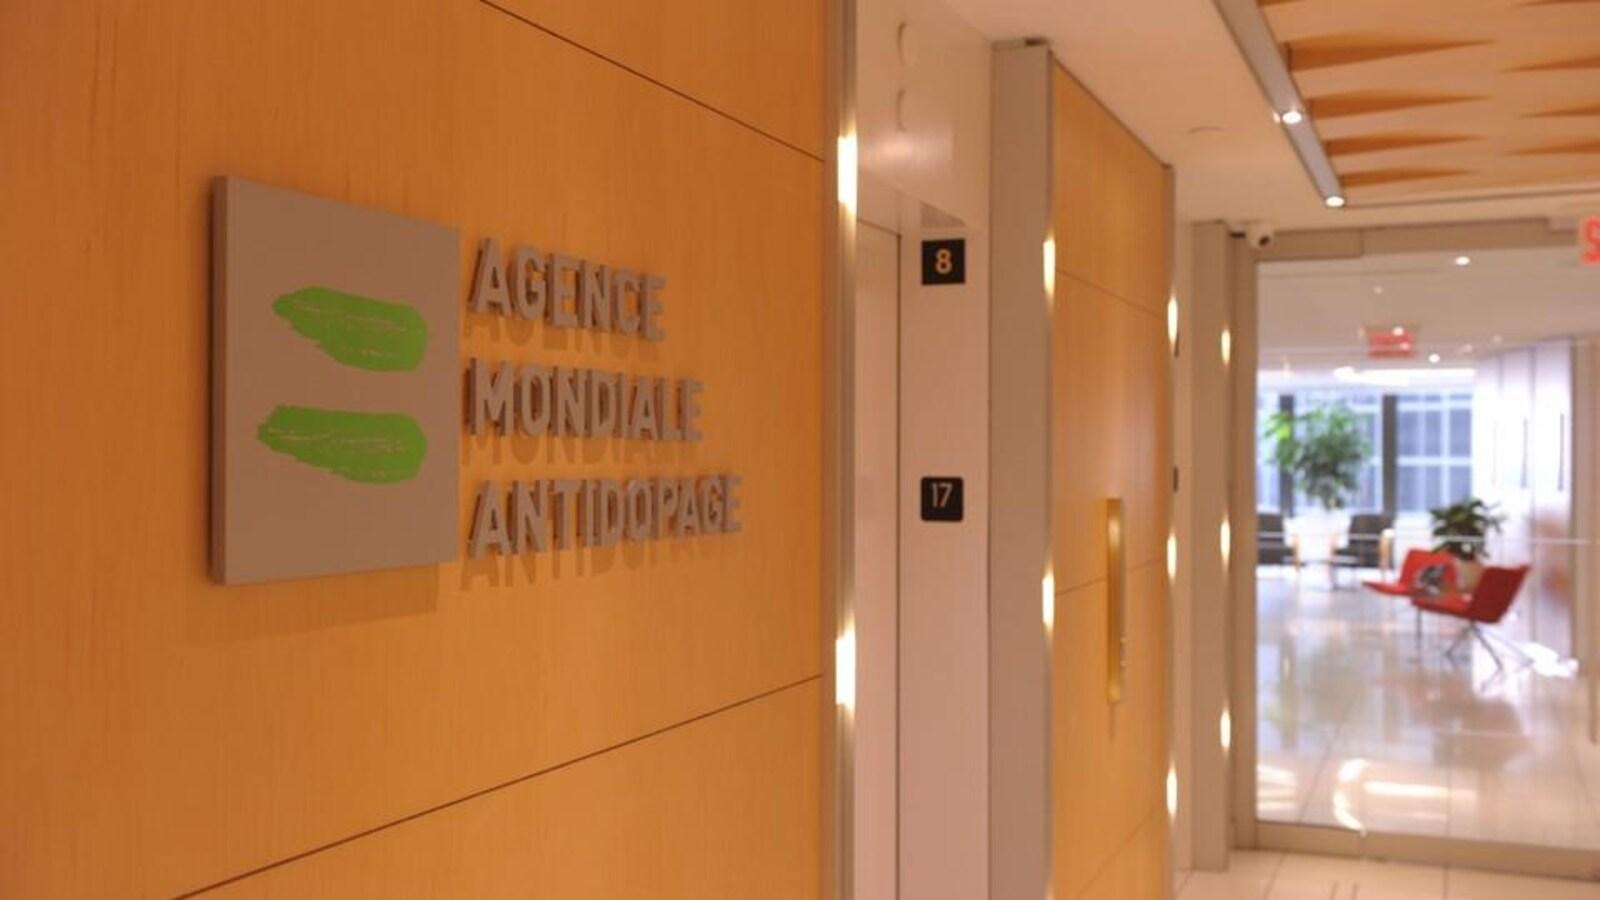 L'entrée du siège social de l'Agence mondiale antidopage à Montréal